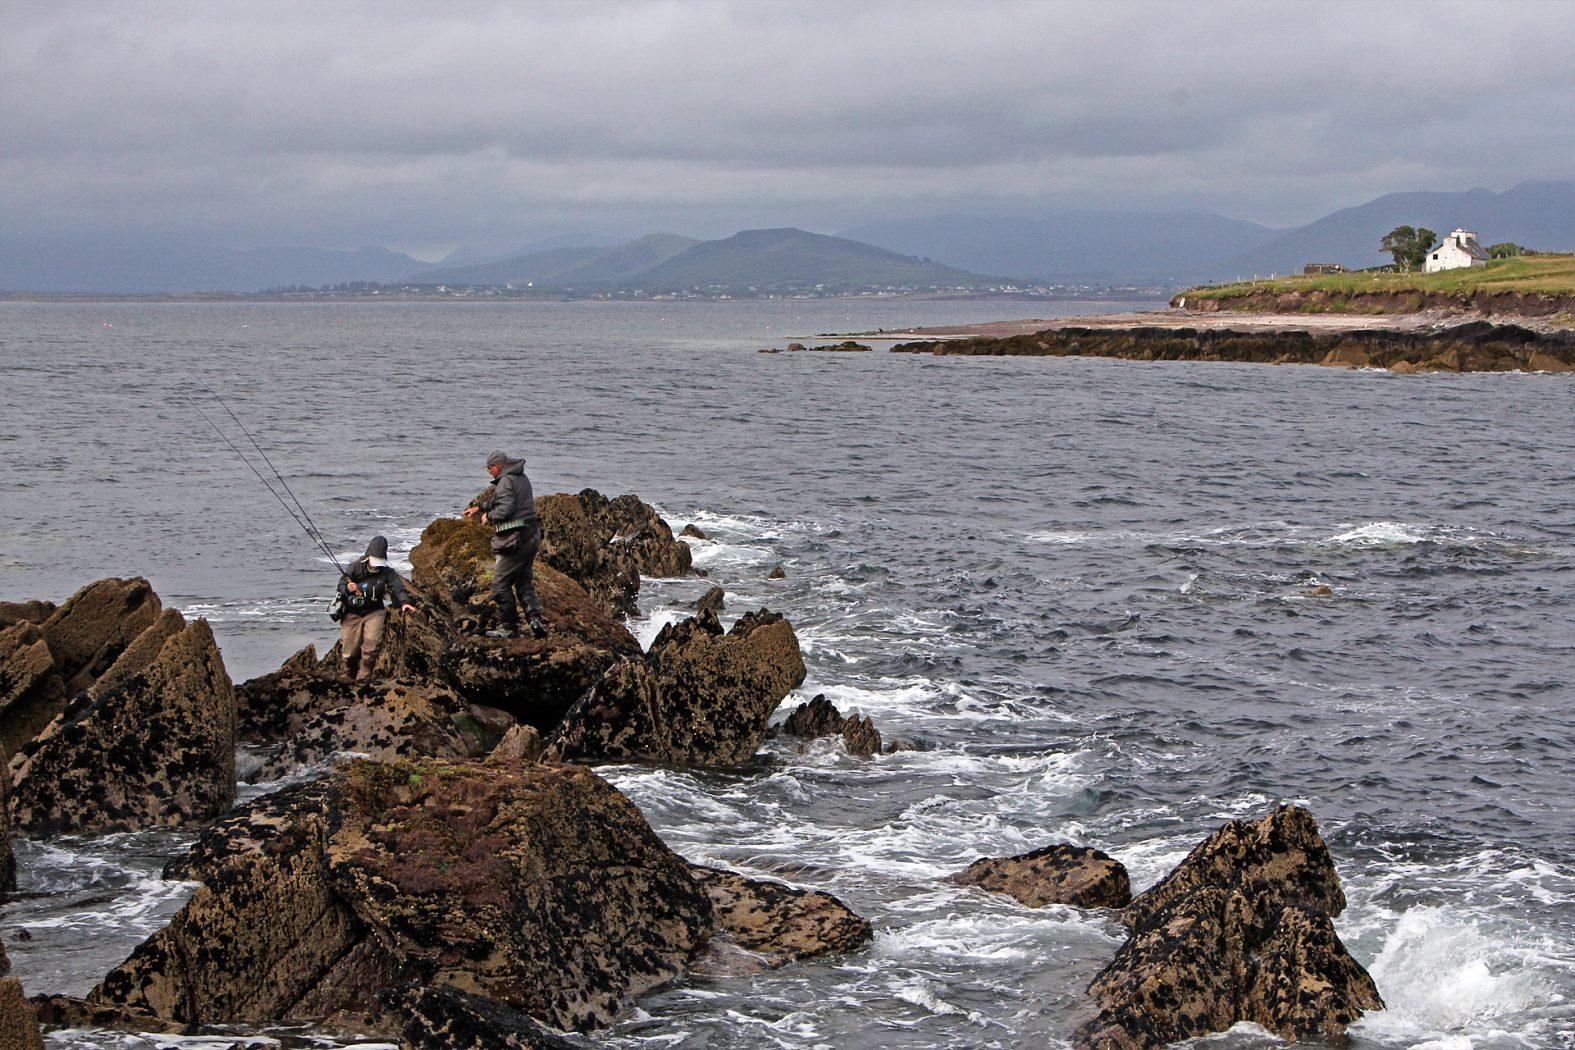 Angelplatz zum Pollackangeln vom Ufer